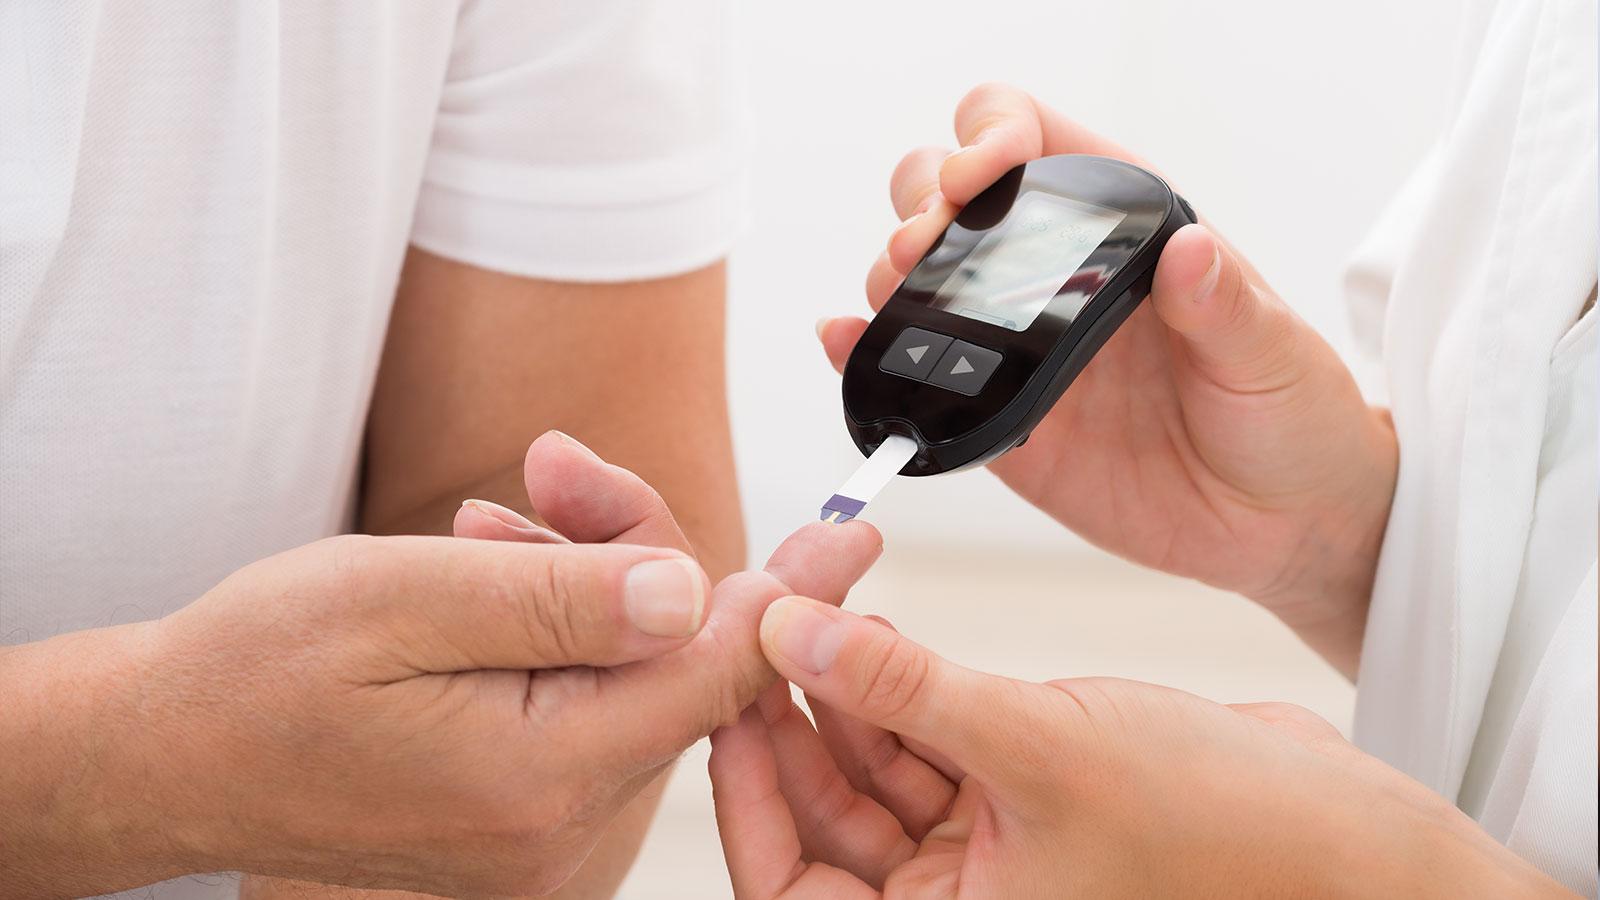 Mano del medico Utilizzando glucometro al dito di paziente